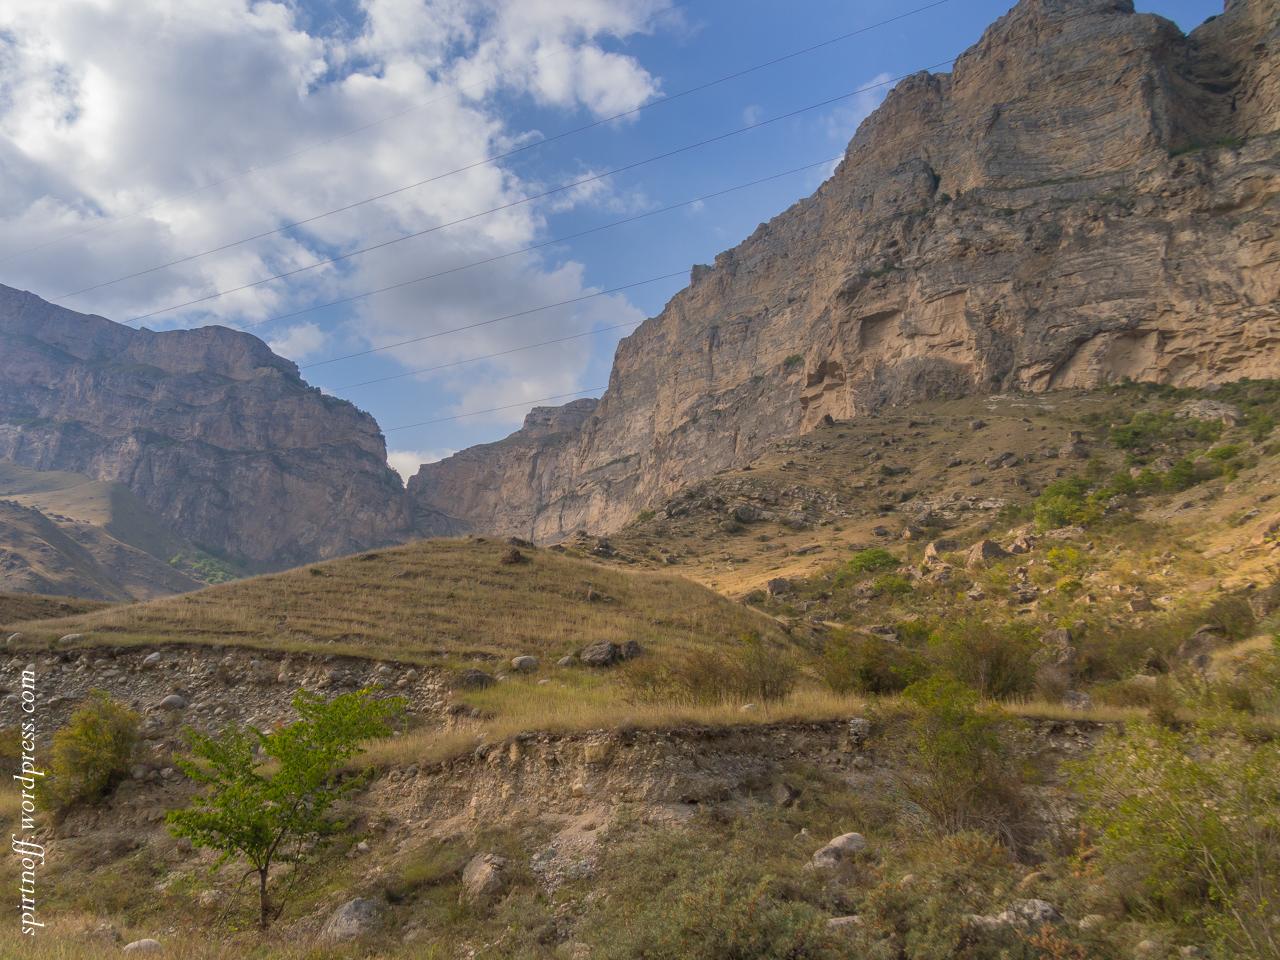 blog-138-of-330-p9137463 Путешествия  Дорожные зарисовки. Баксанское ущелье (ч.2)